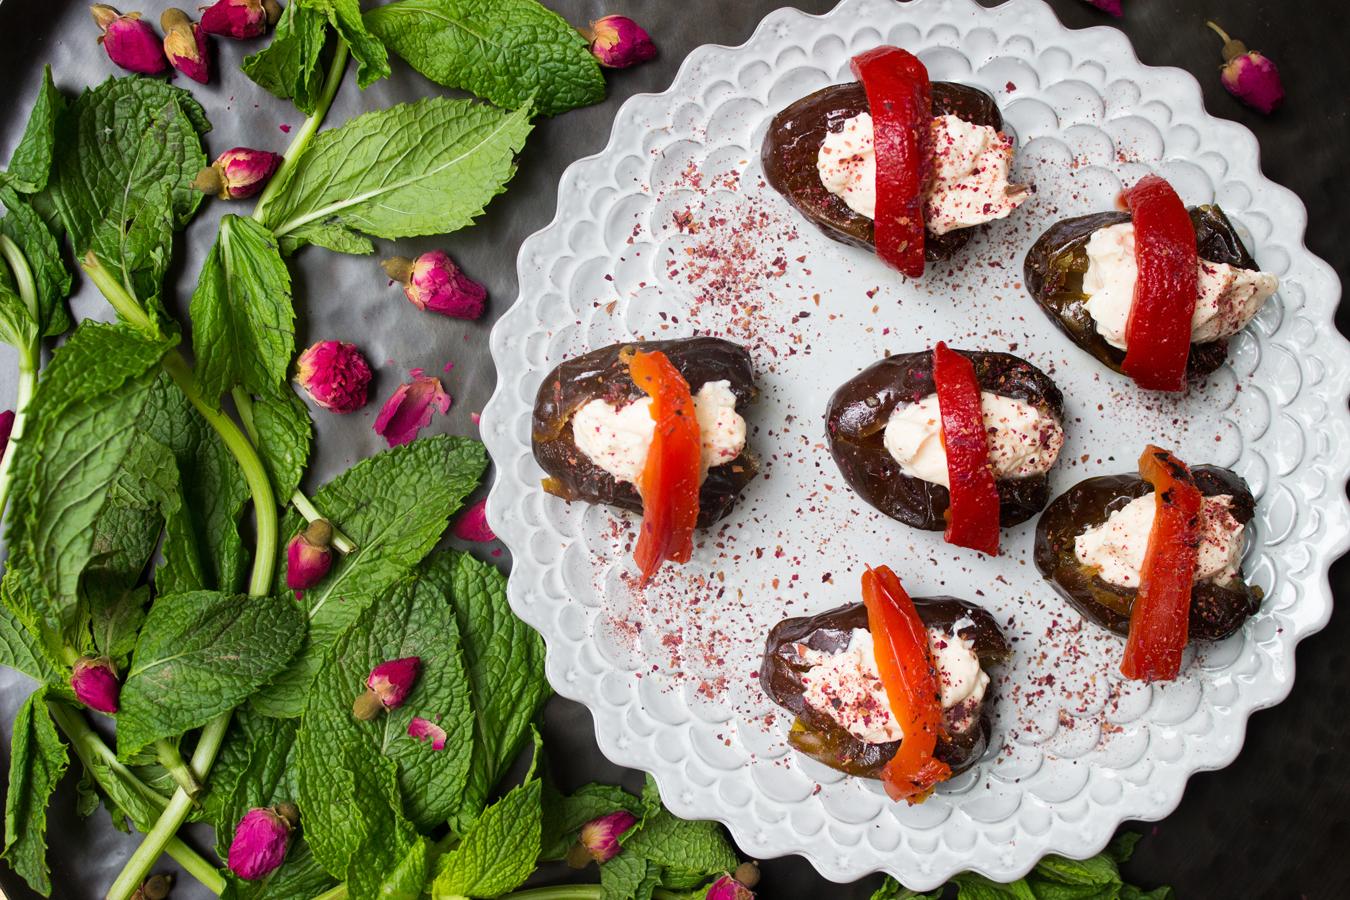 Naz's Harissa Yogurt Stuffed Dates